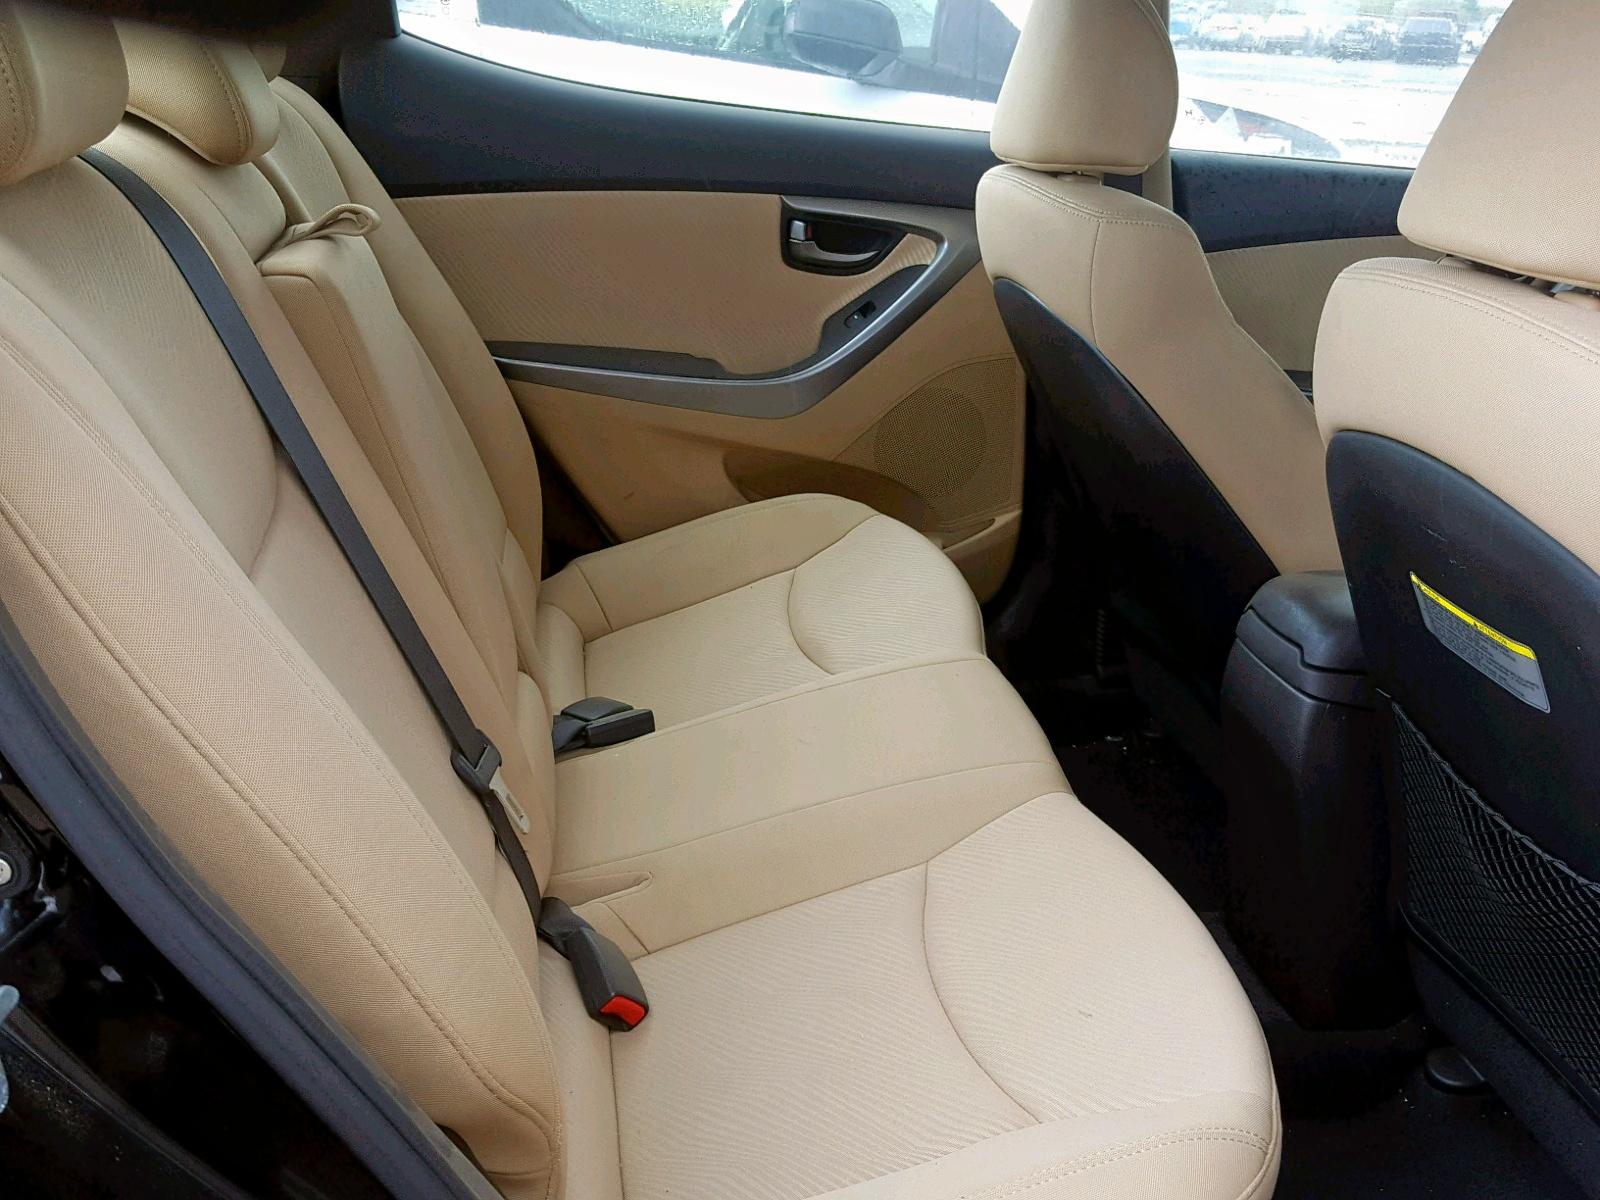 KMHDH4AE2DU527902 - 2013 Hyundai Elantra Gl 1.8L detail view